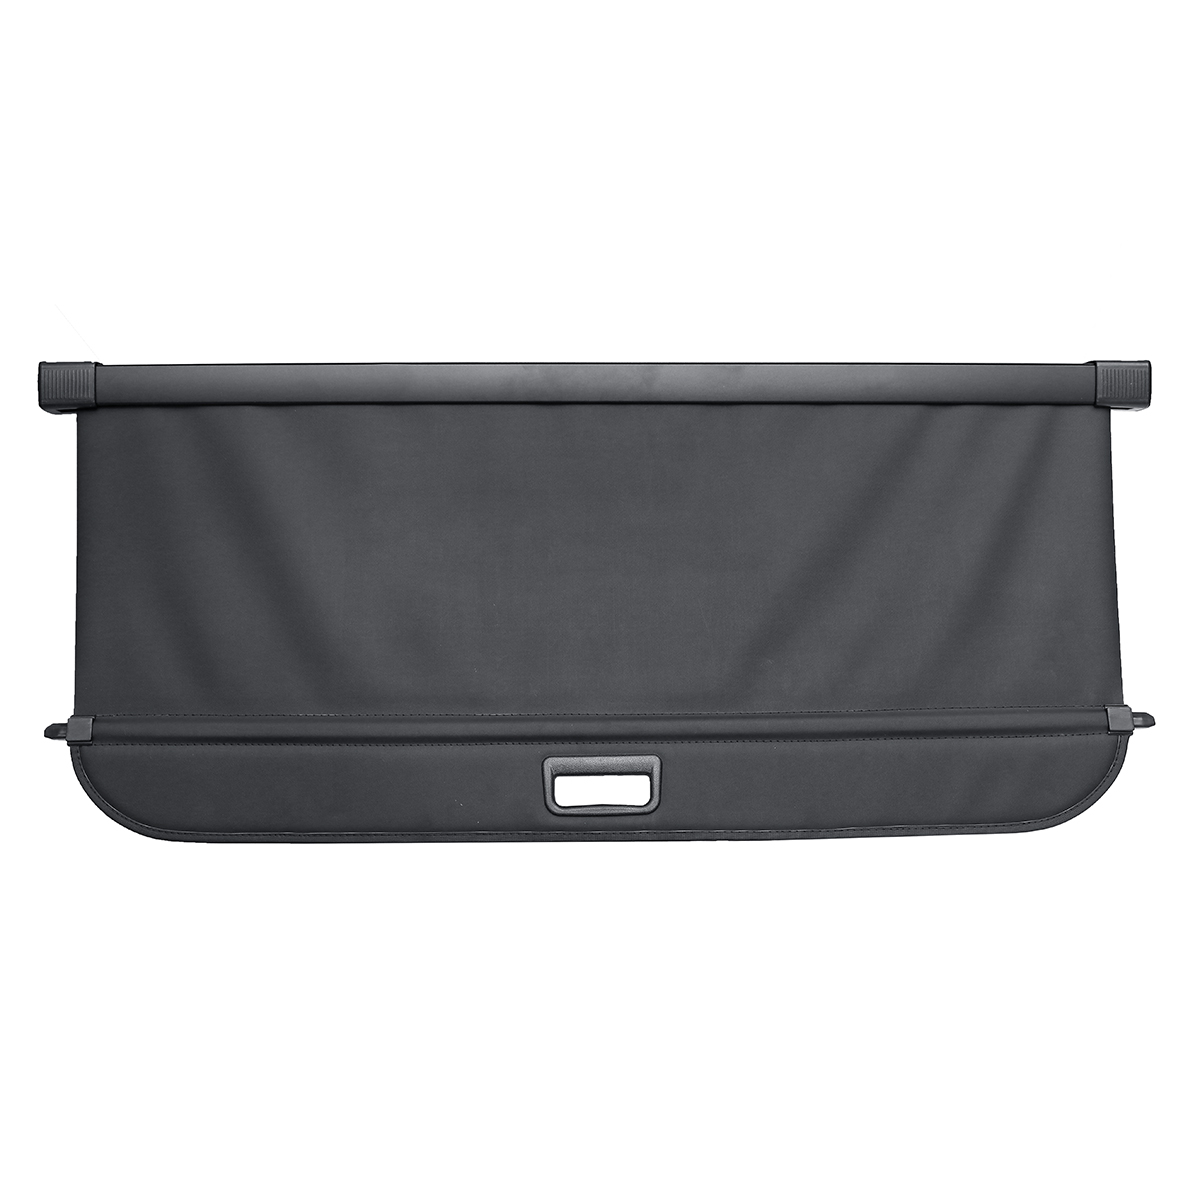 2019 Nieuwe Stijl Voor Infiniti Qx50 2018 2019 Trunk Cargo Cover Bagage Security Shade Shield Black 140x25x8 Cm Matige Prijs